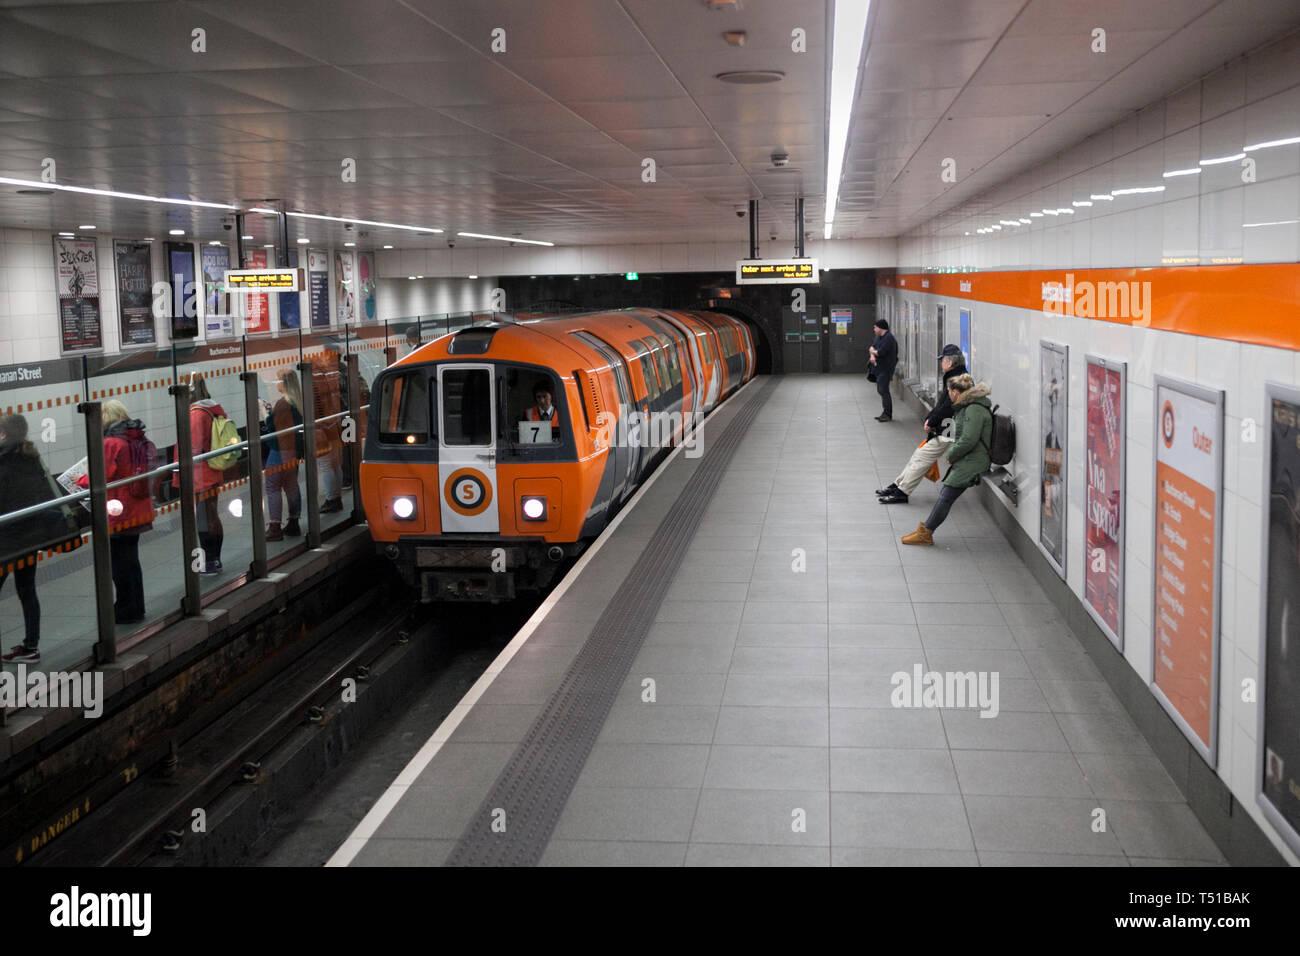 SPT subway train arriving at Glasgow Buchanan street underground station on the Glasgow underground / subway Stock Photo